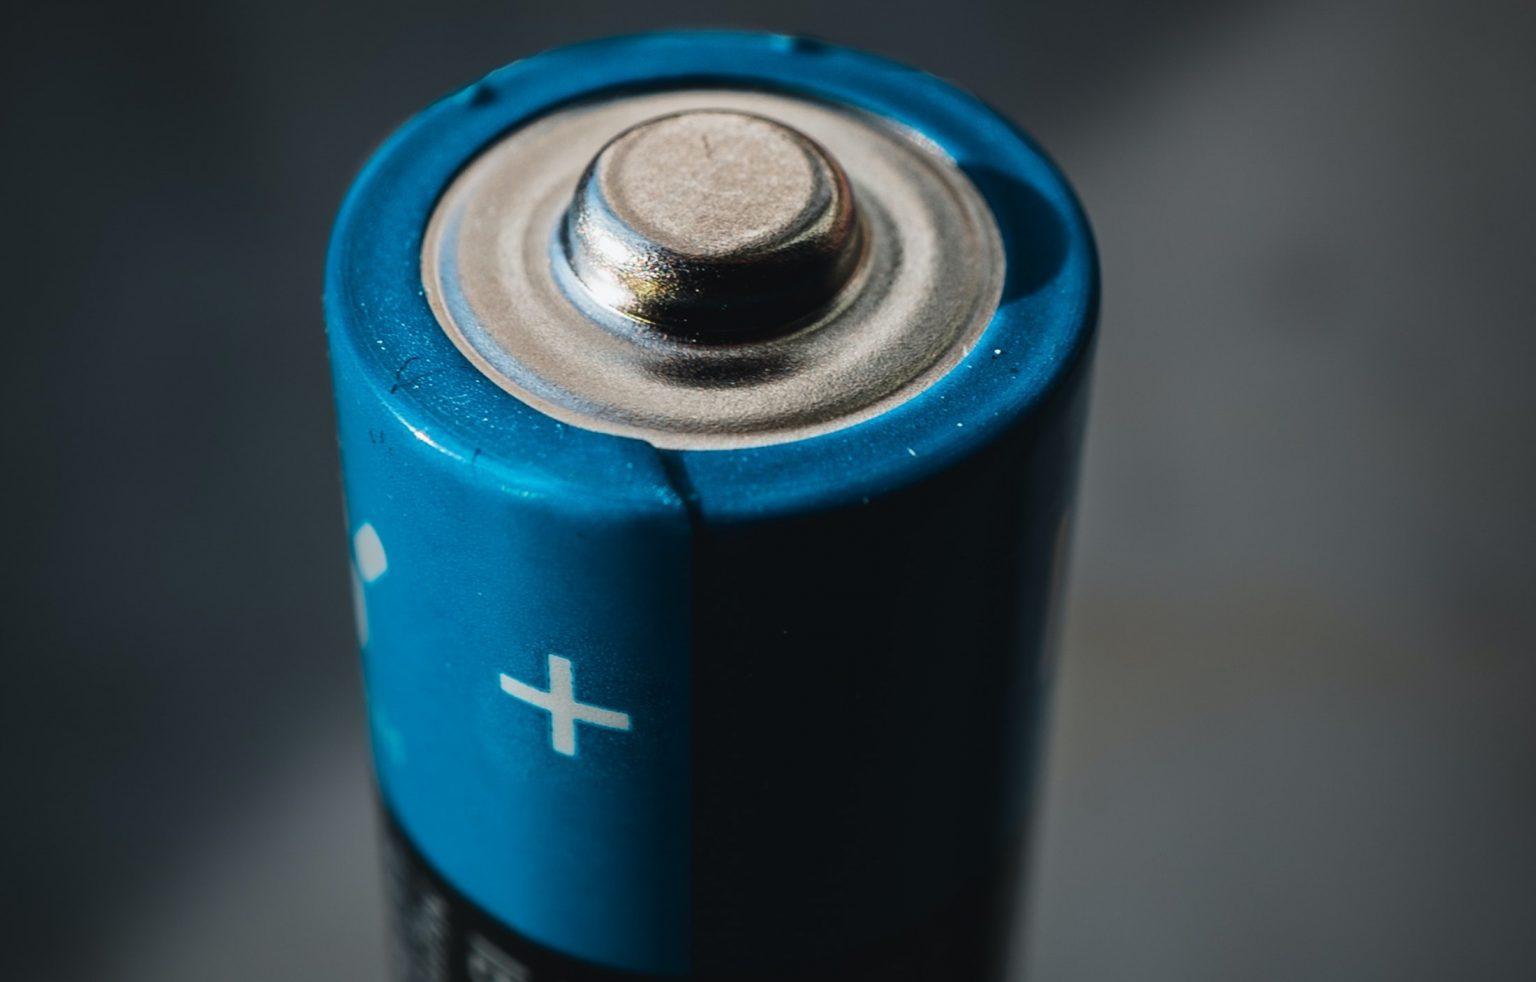 دیگر نگران باتری دستگاههای اینترنت اشیا وایرلس نباشید!